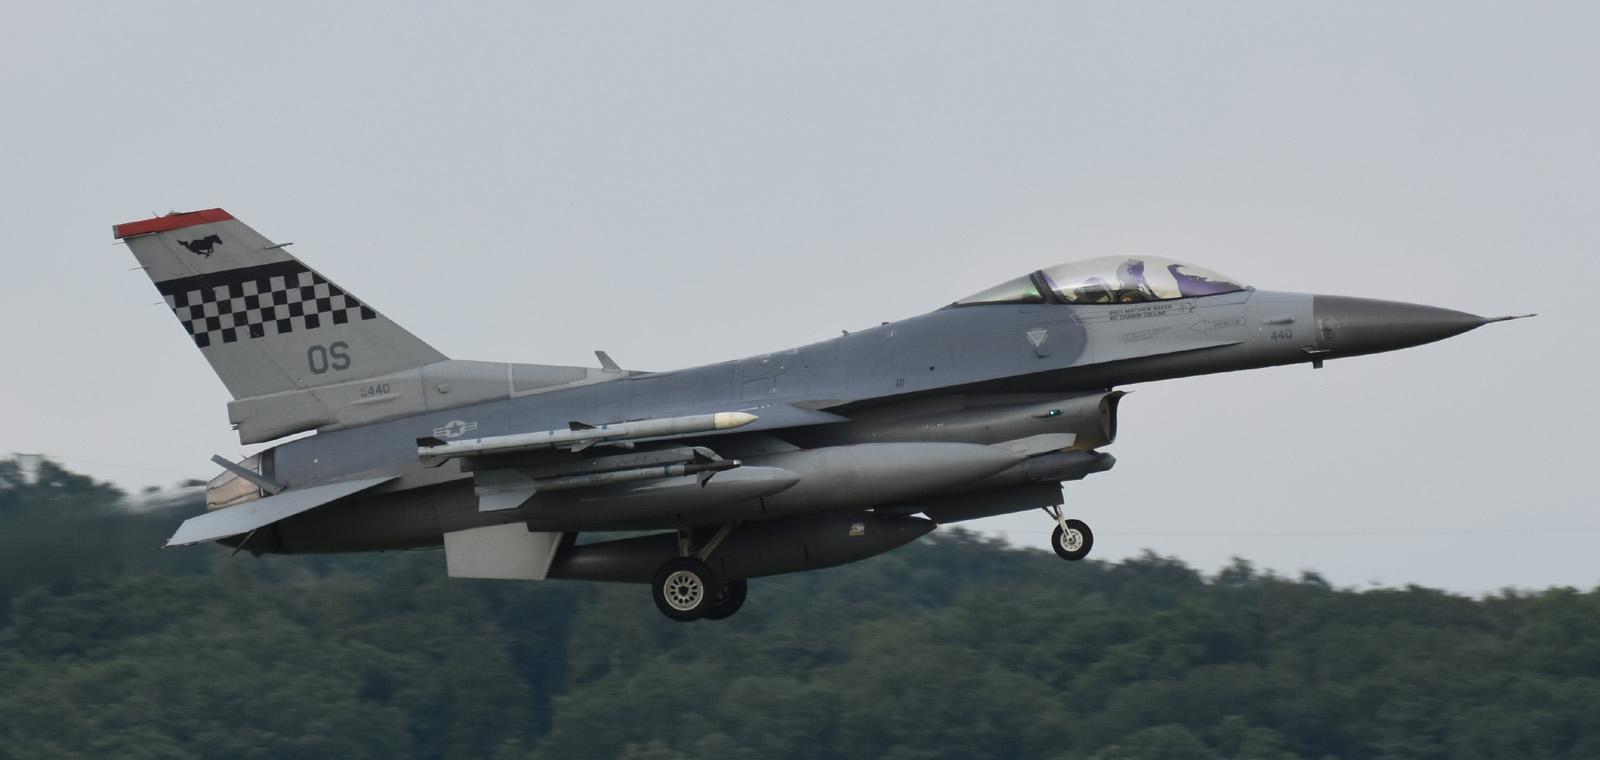 F16cm170601g736